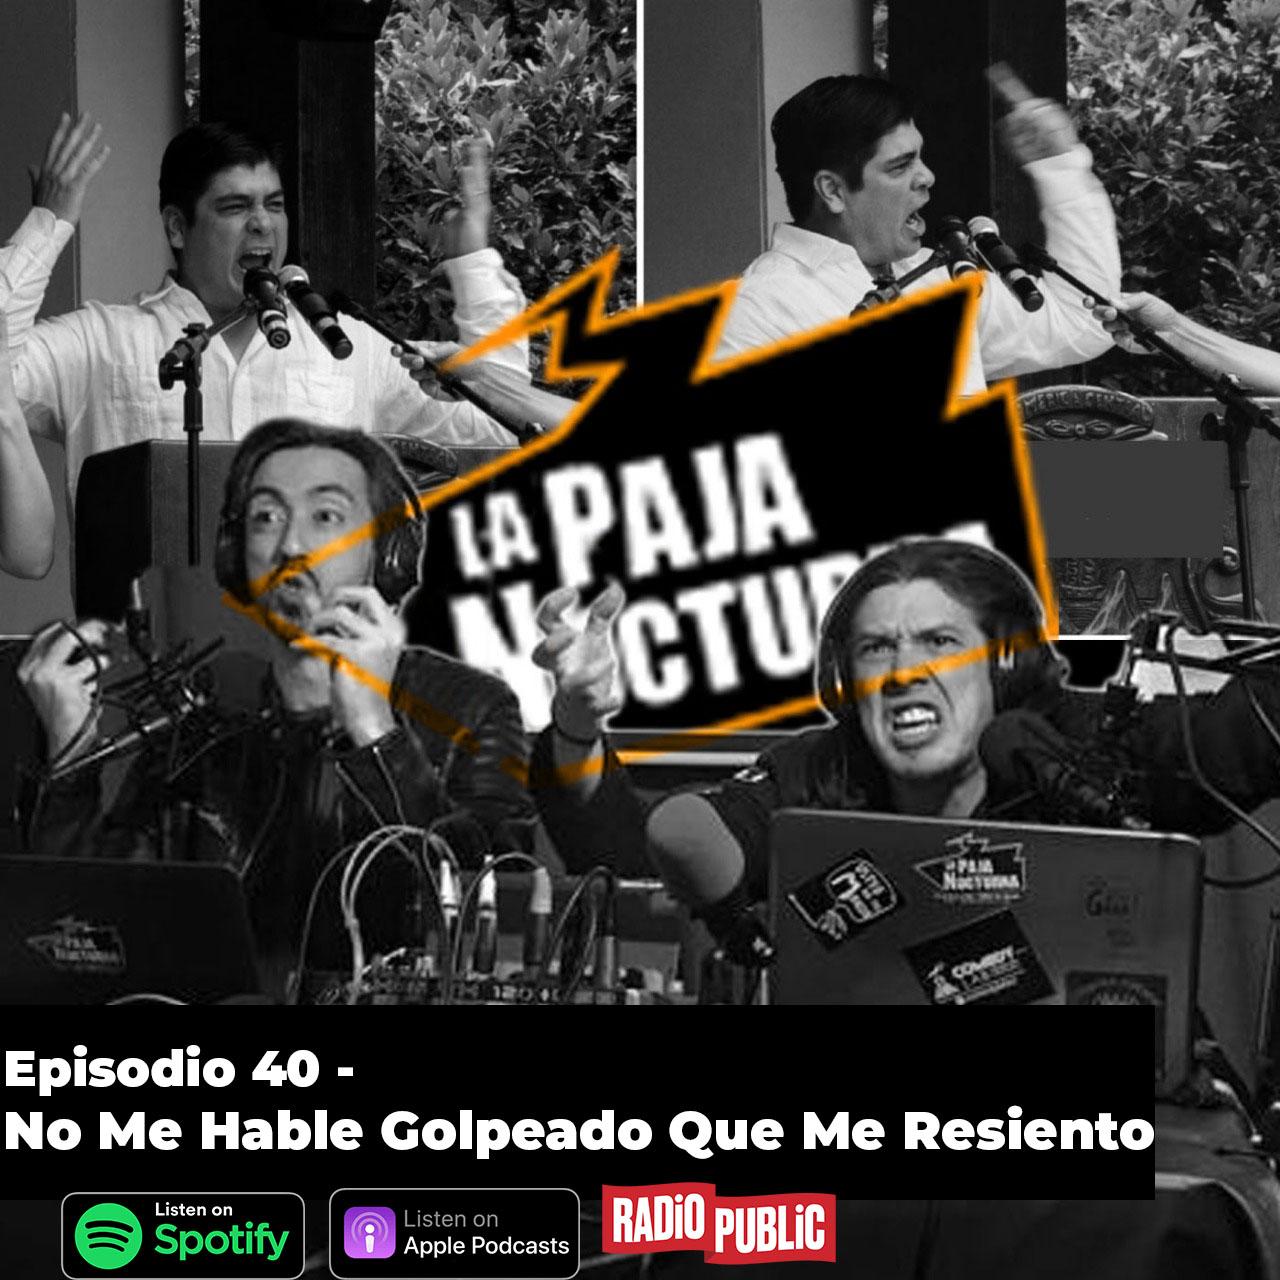 La Paja Nocturna Podcast Episodio 39 Spotify